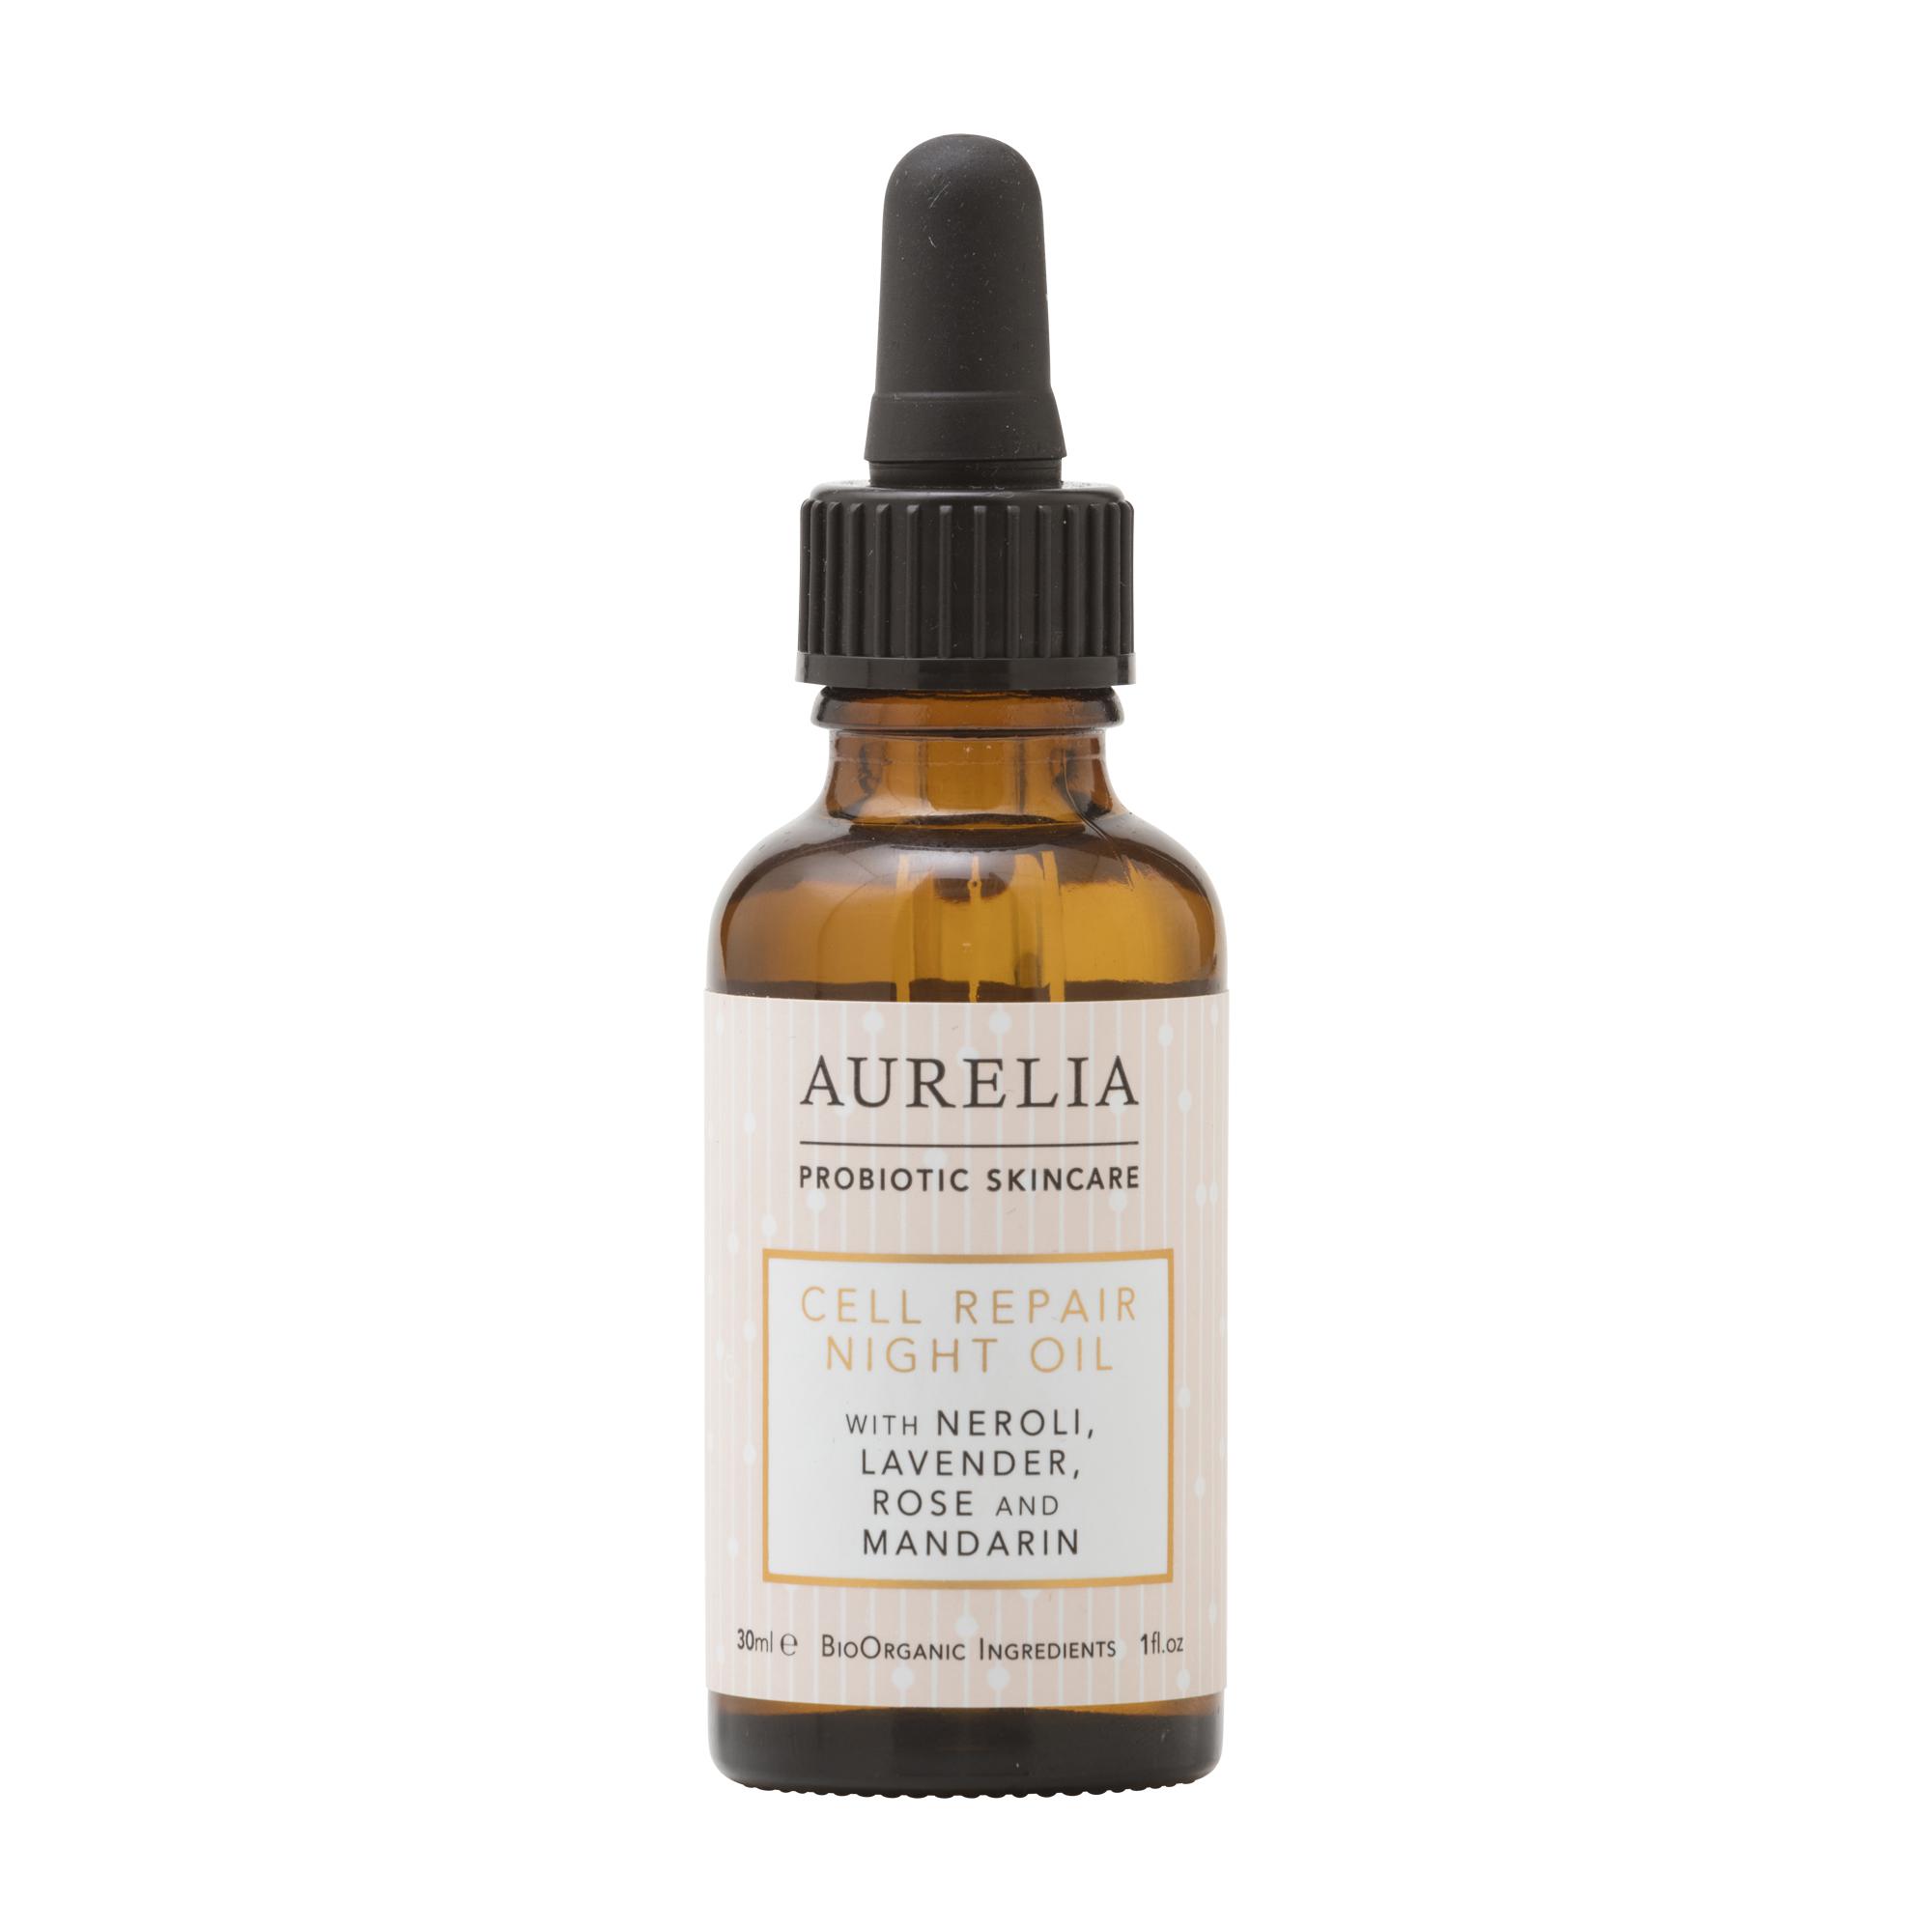 Aurelia Cell Repair Night Oil, 30 ml